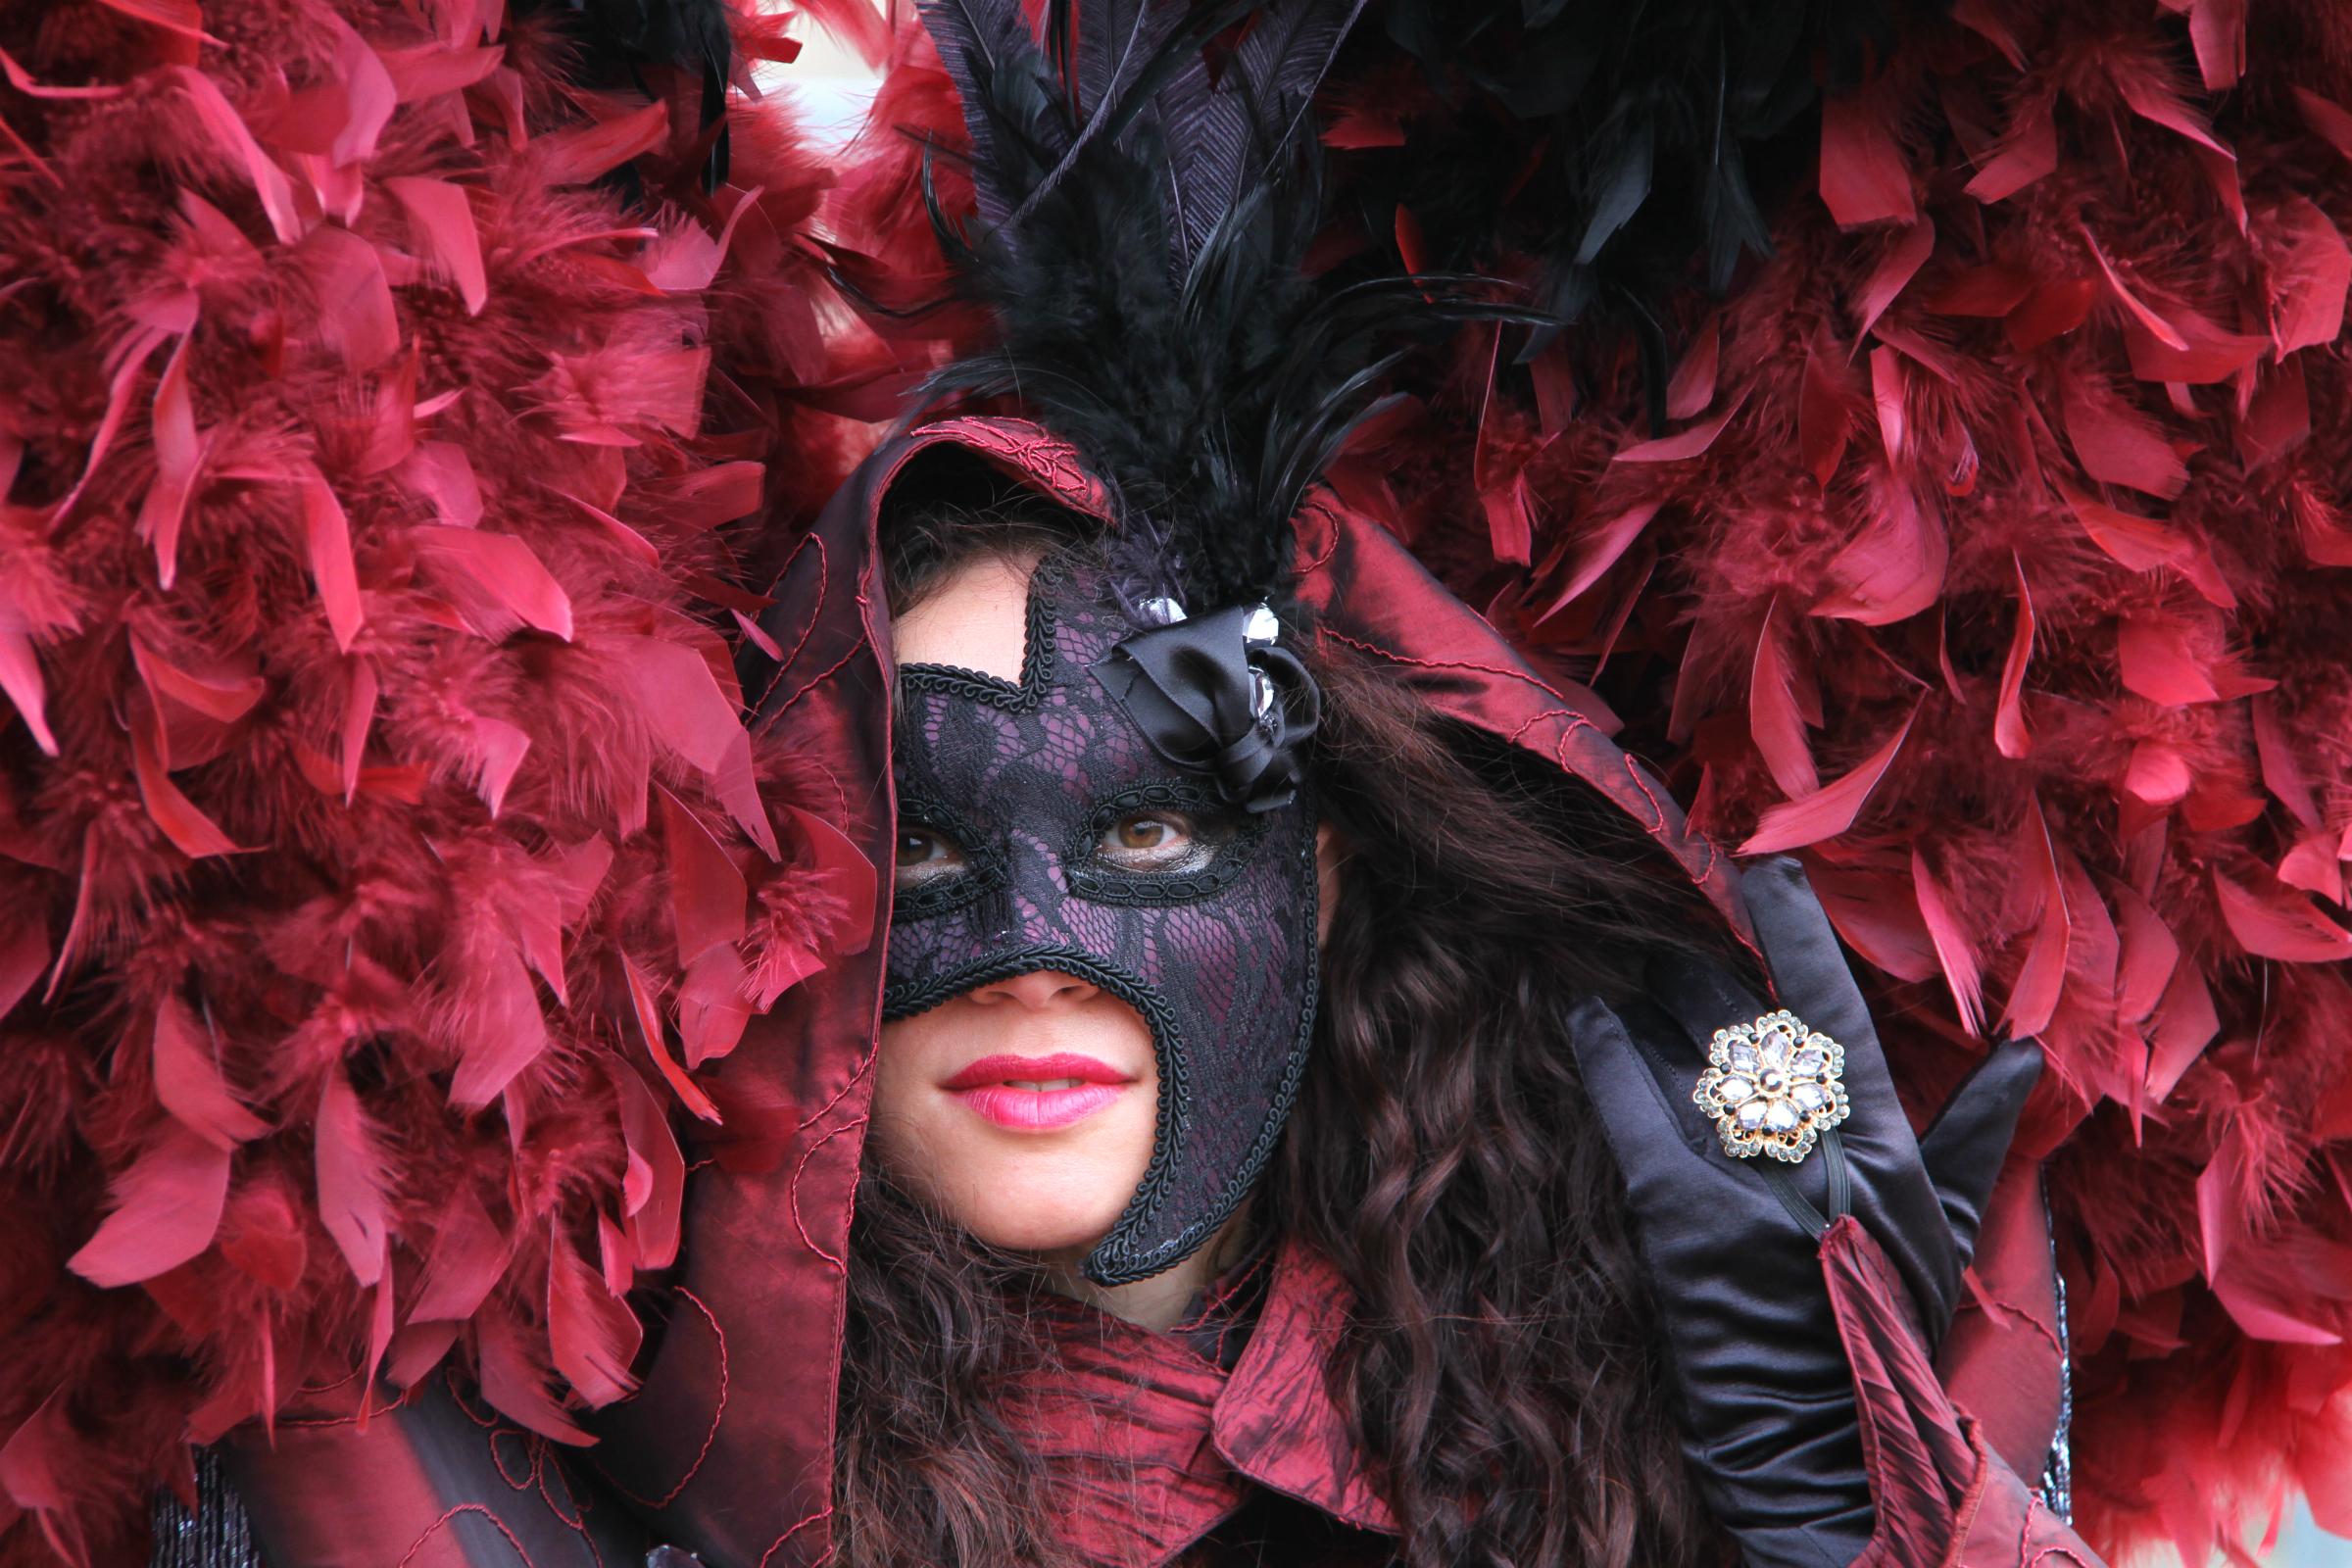 комментариях пользователи костюмы в масках фото улыбающегося льюиса так